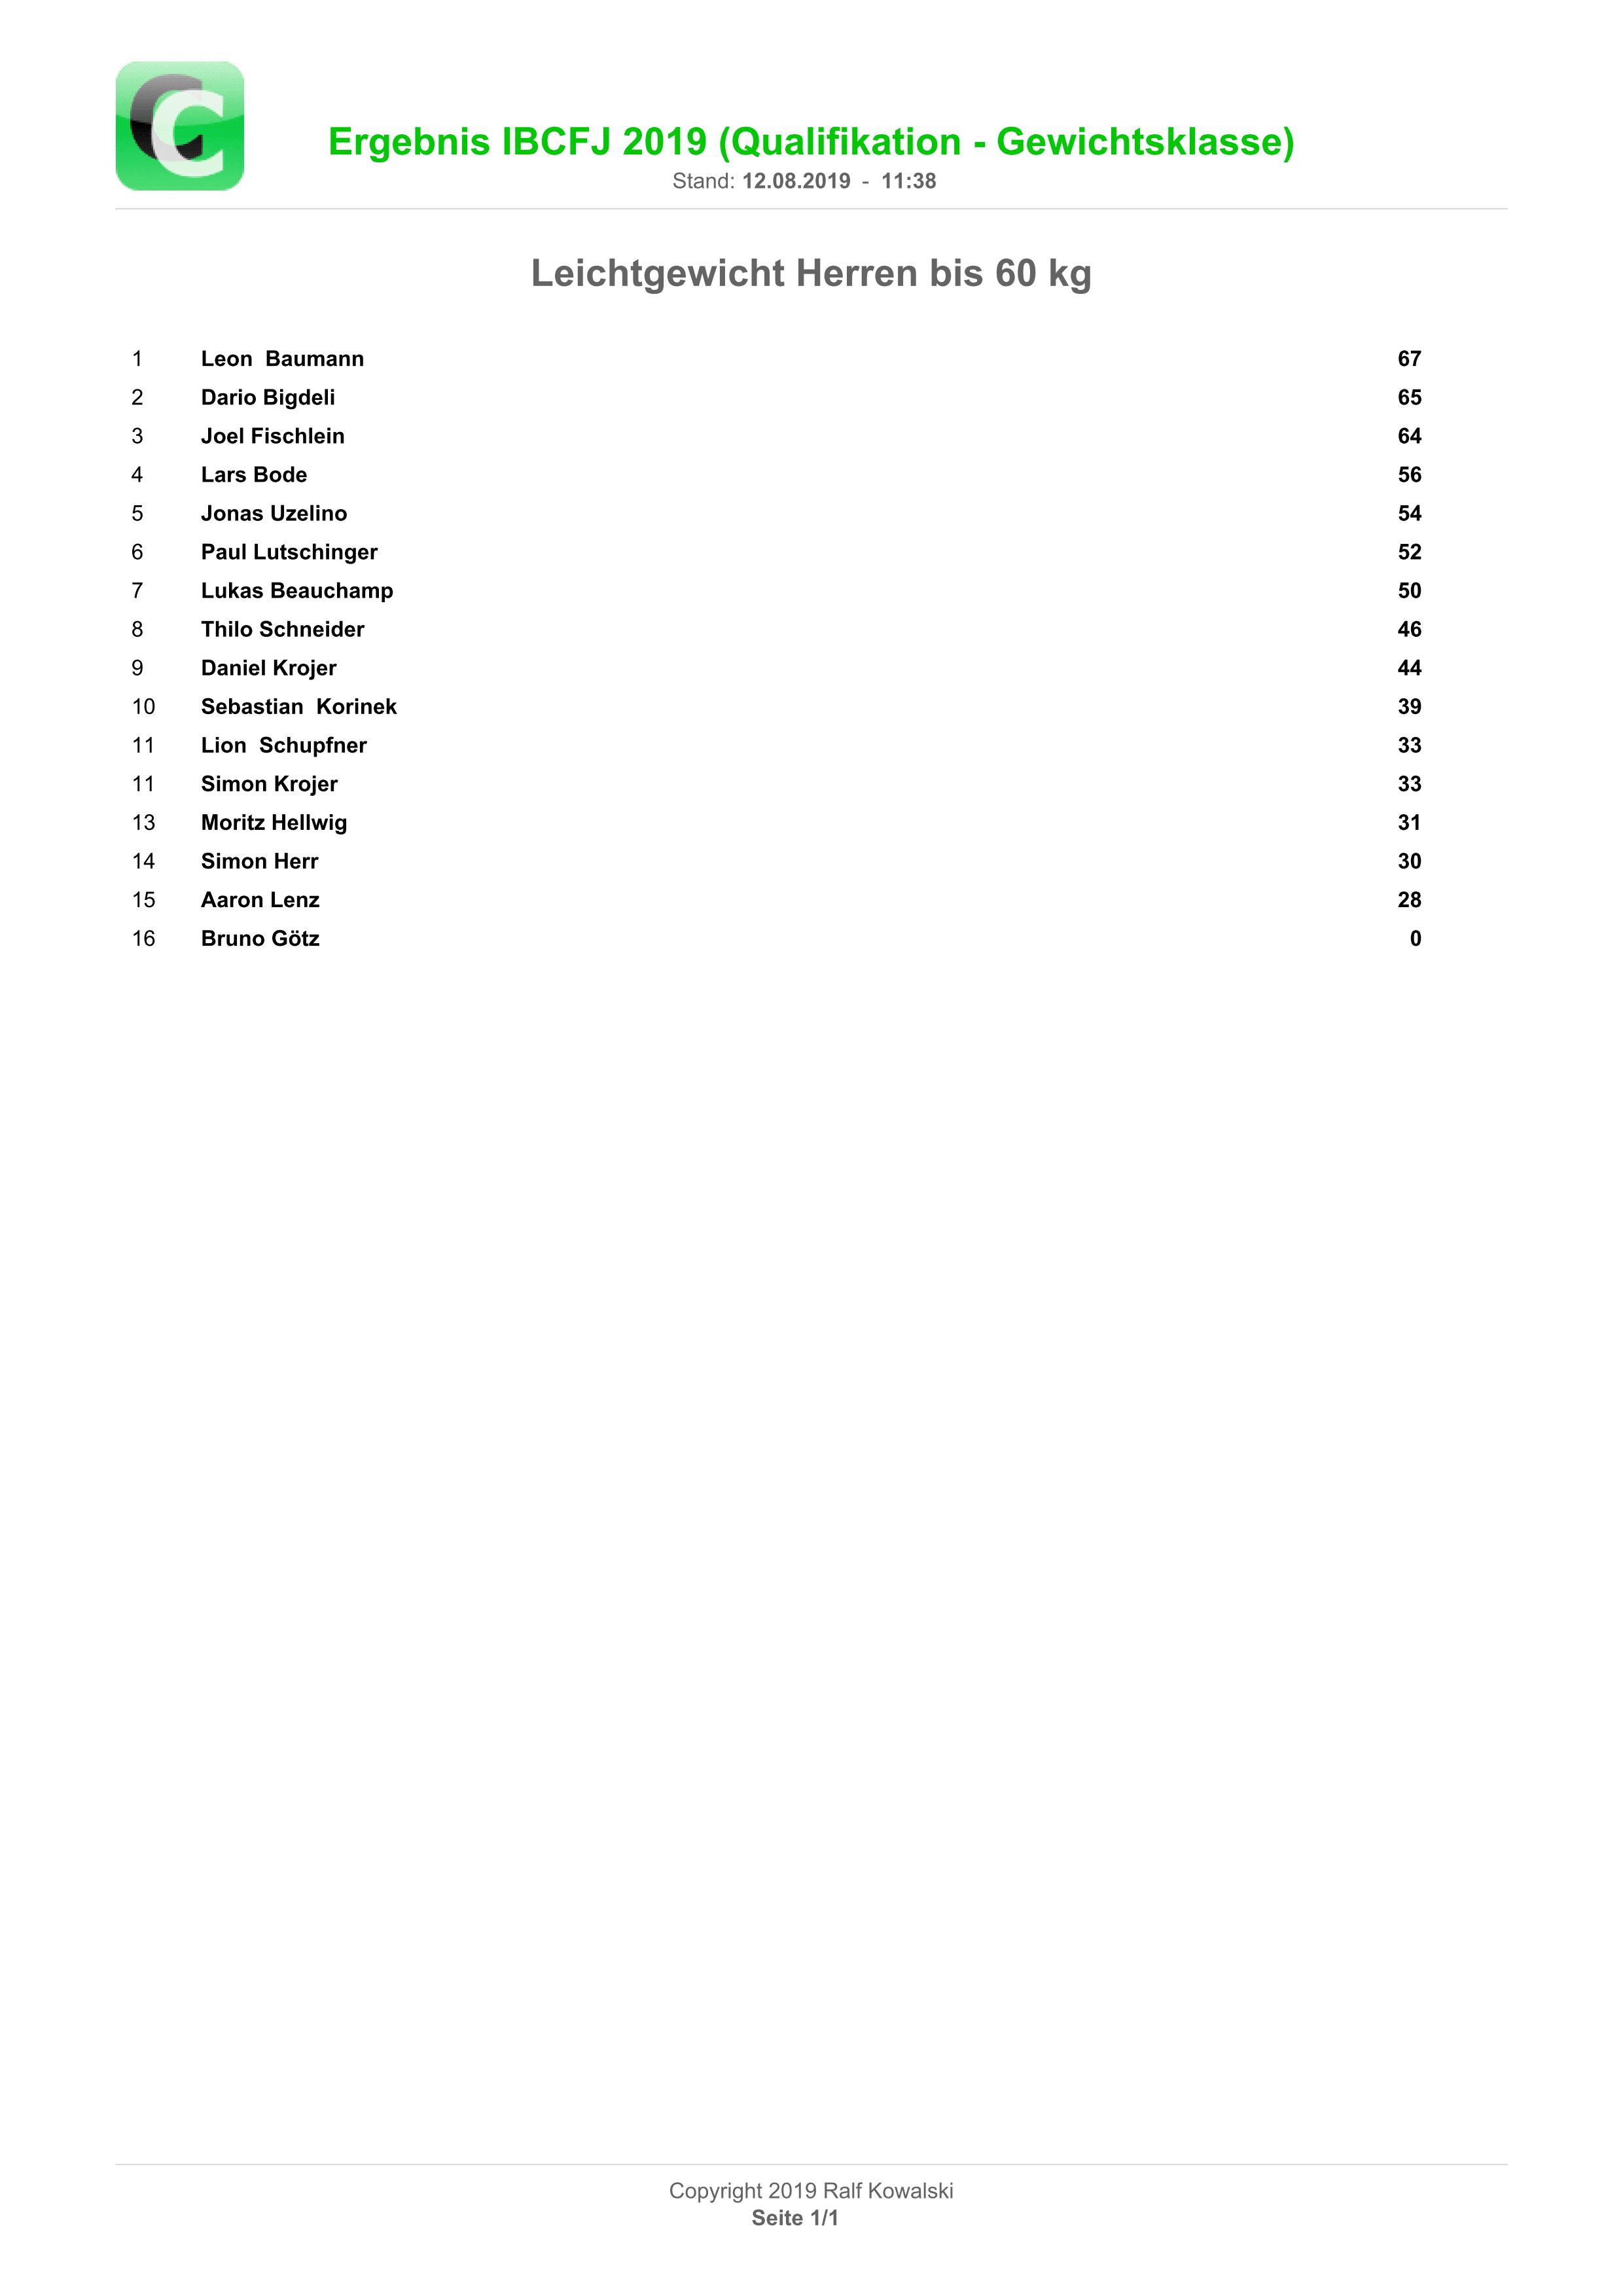 Ergebnisliste Leichtgewicht Herren